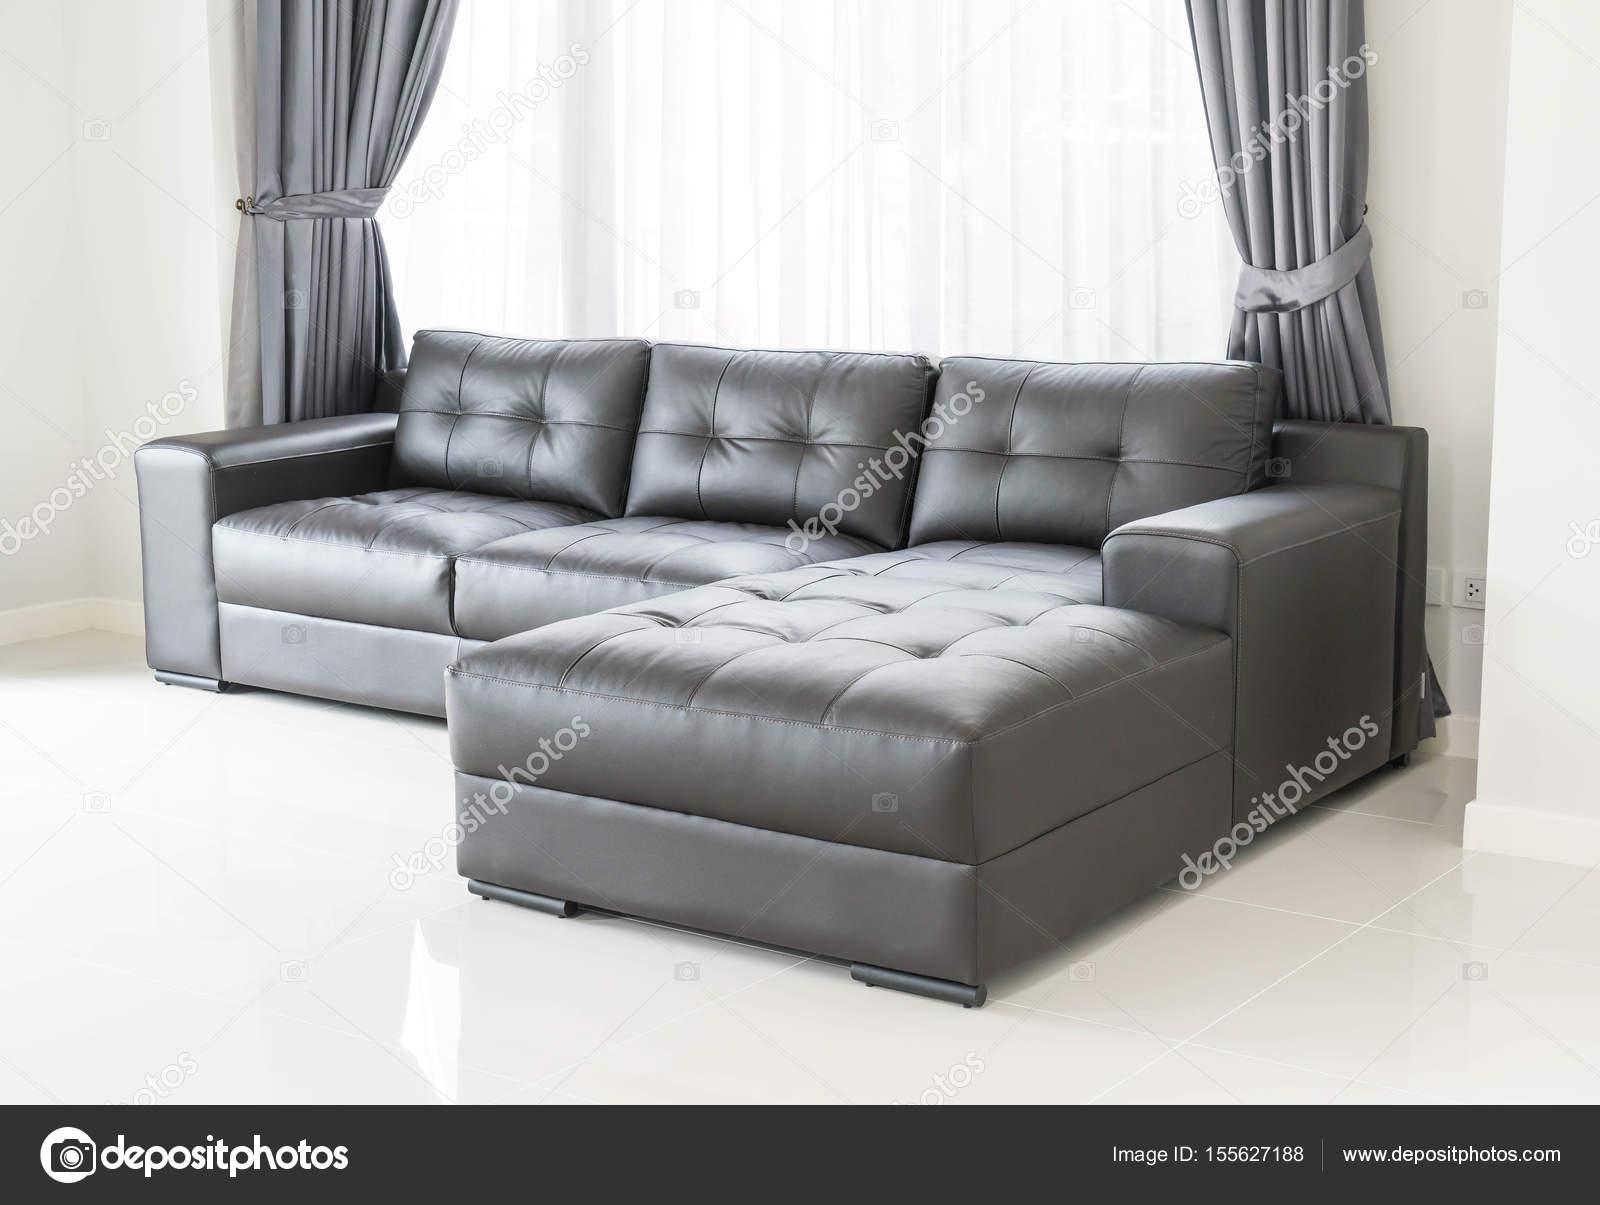 Canapé Moderne Dans Le Salonu2013 Images De Stock Libres De Droits